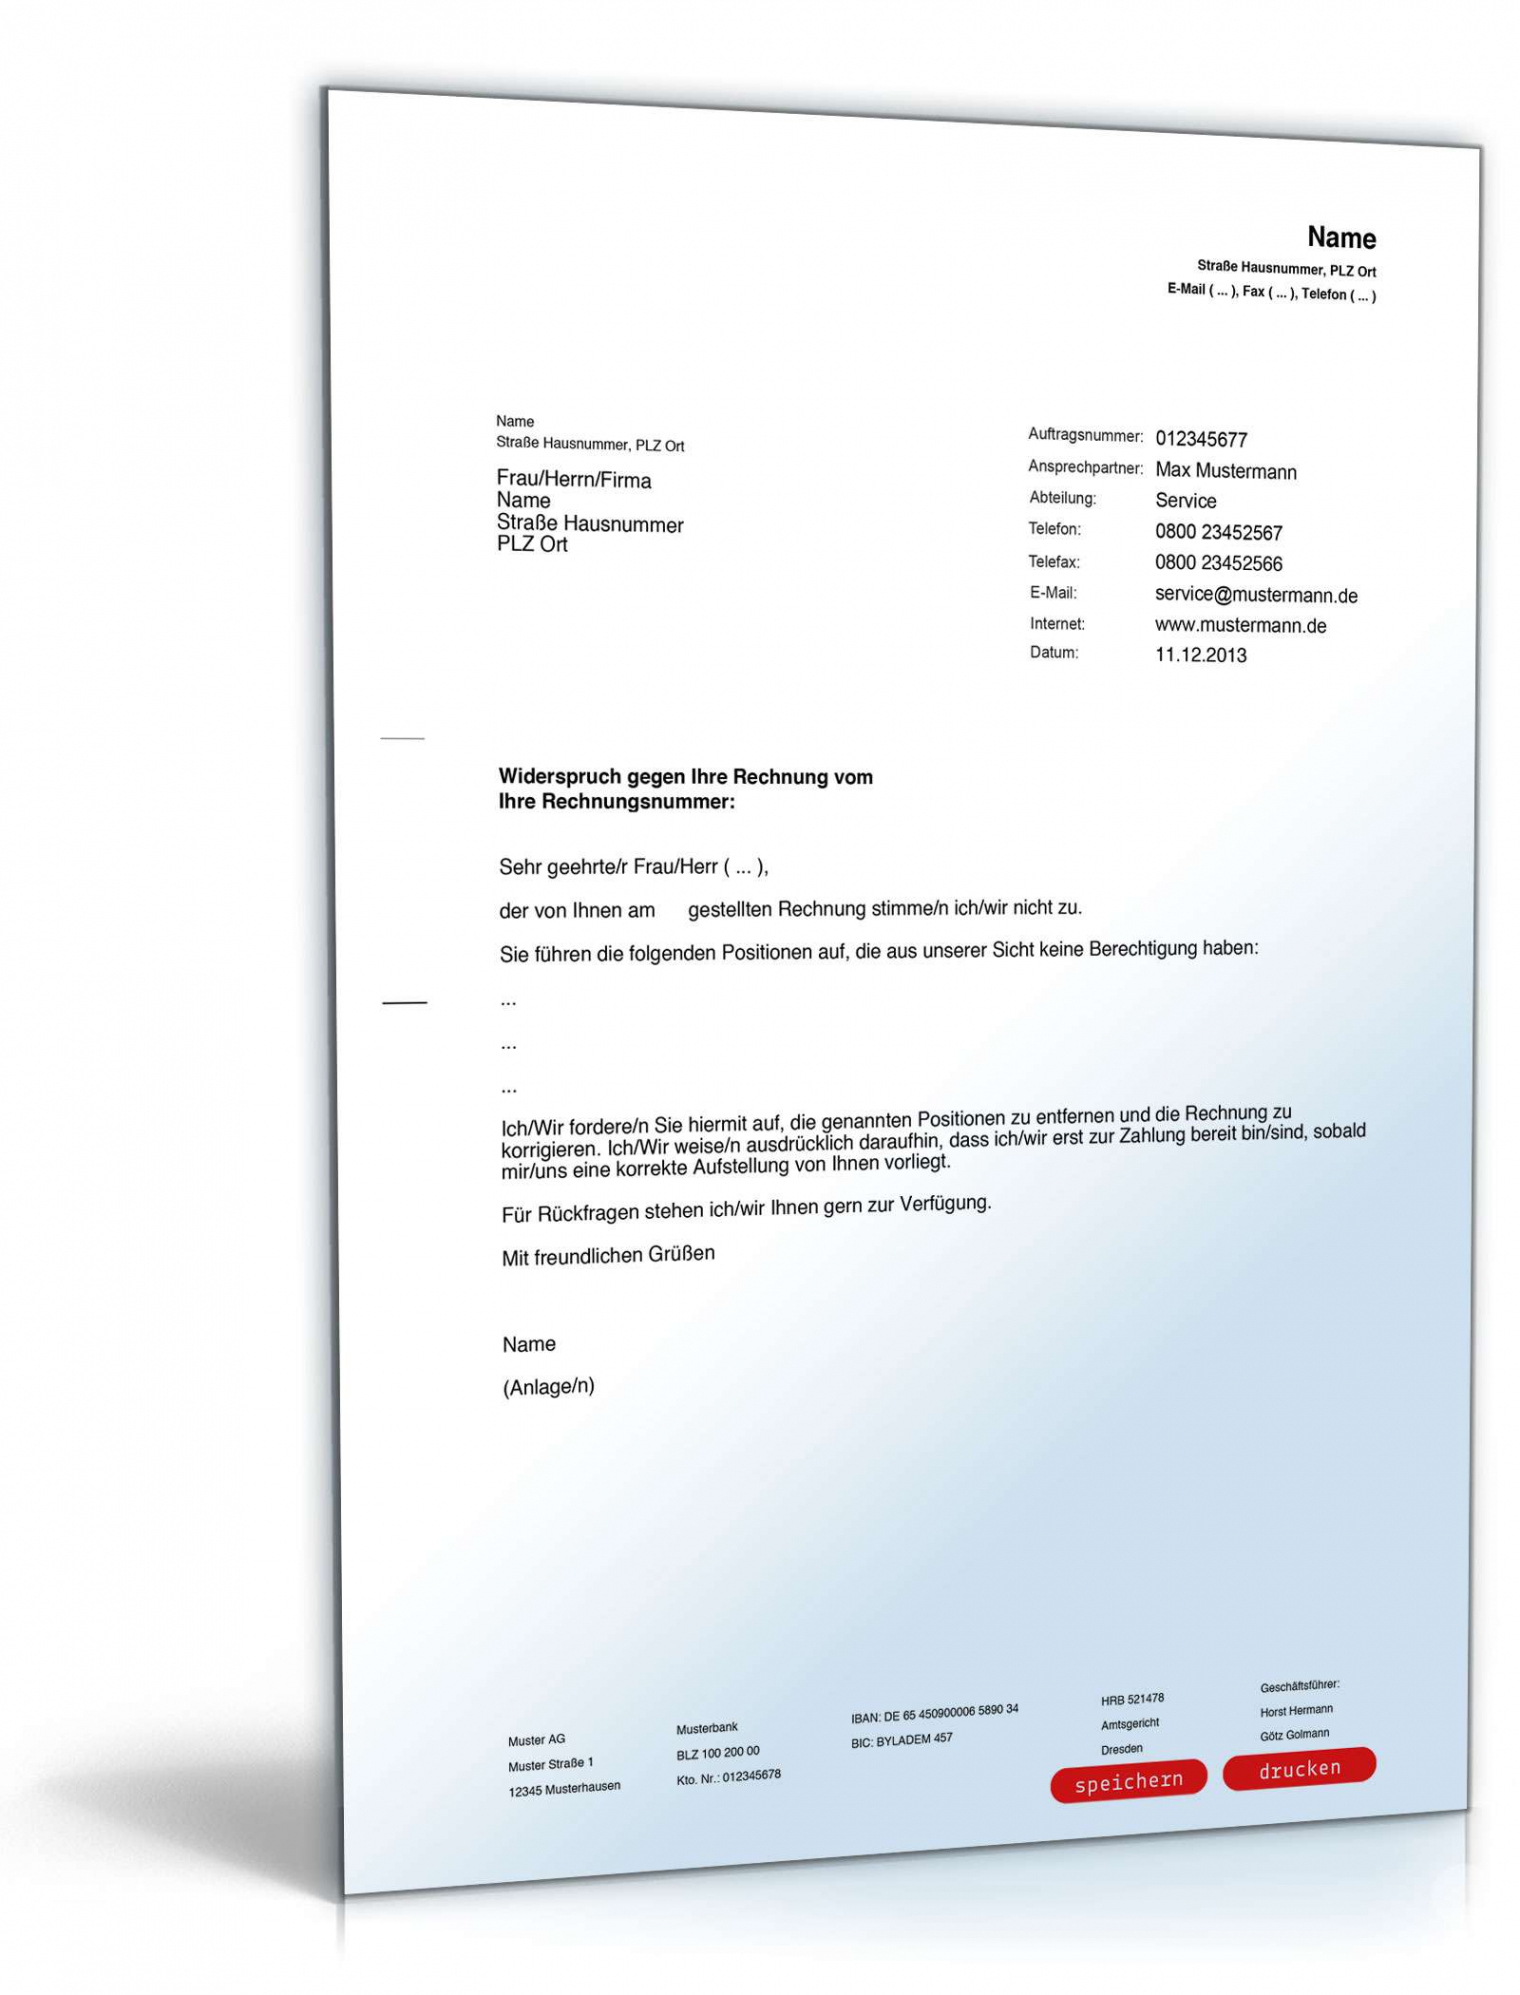 druckbar von falsche rechnung widerspruch vorlage widerspruch einer widerspruch vodafone rechnung vorlage pdf